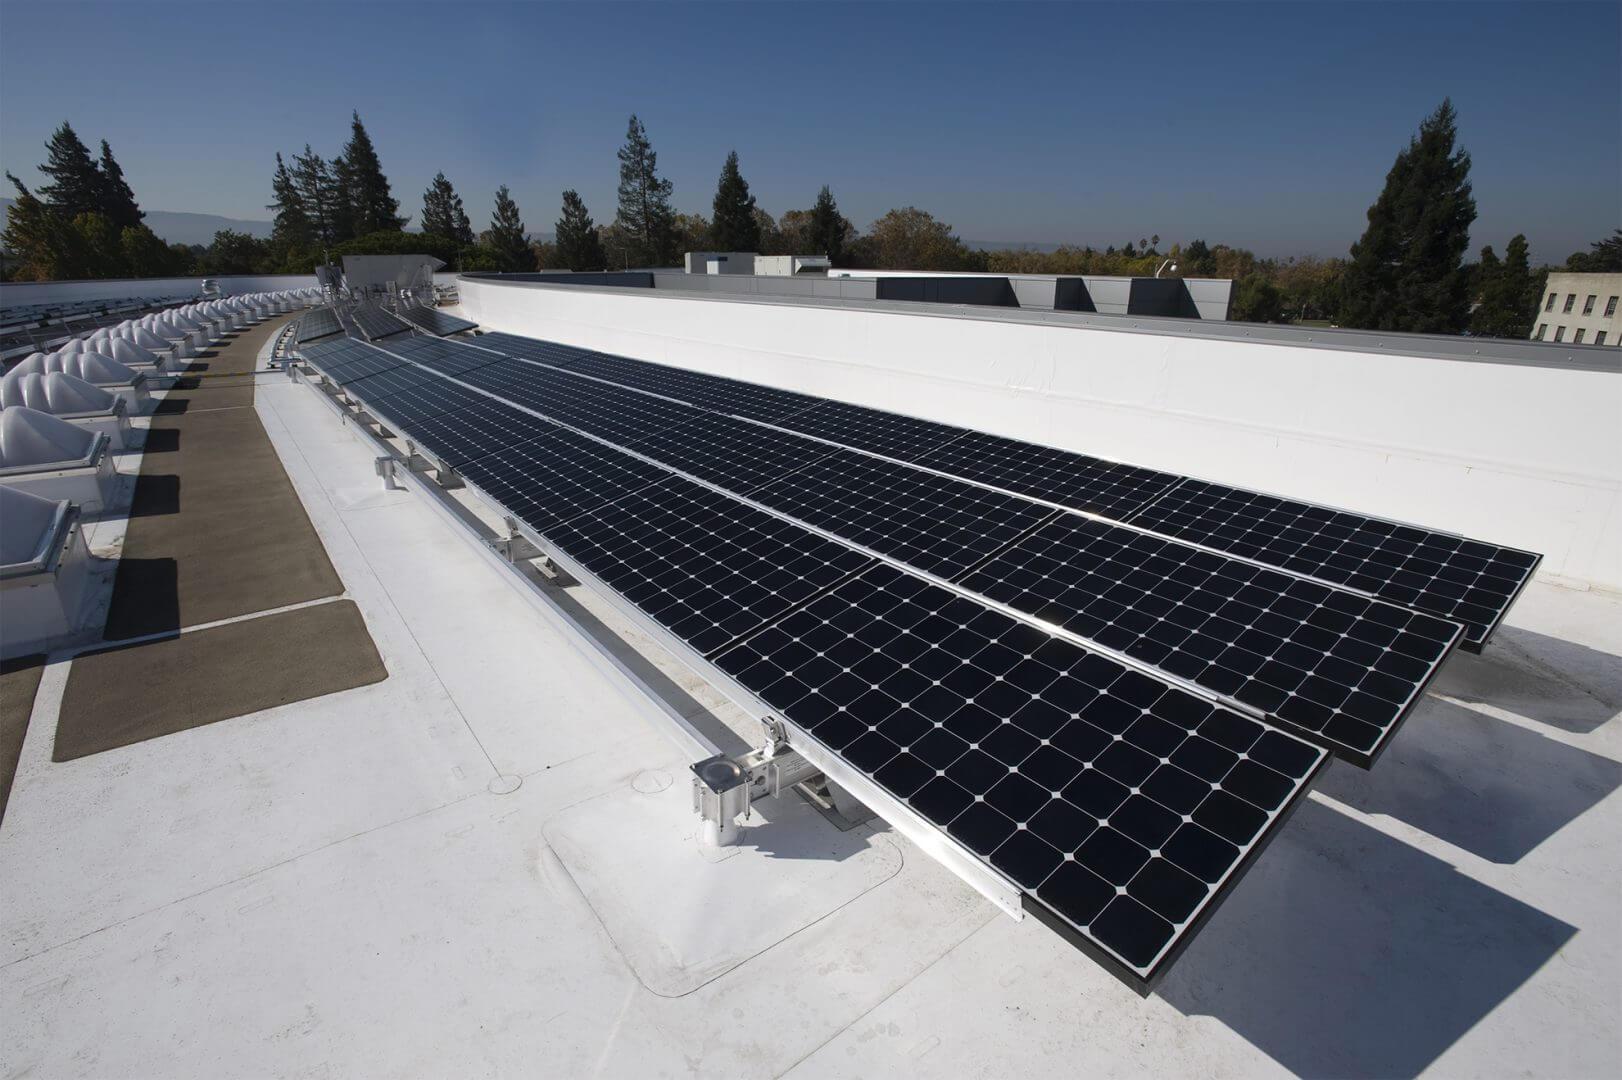 Тонкопленочная технология отвоевывает позиции на рынке солнечной энергетики